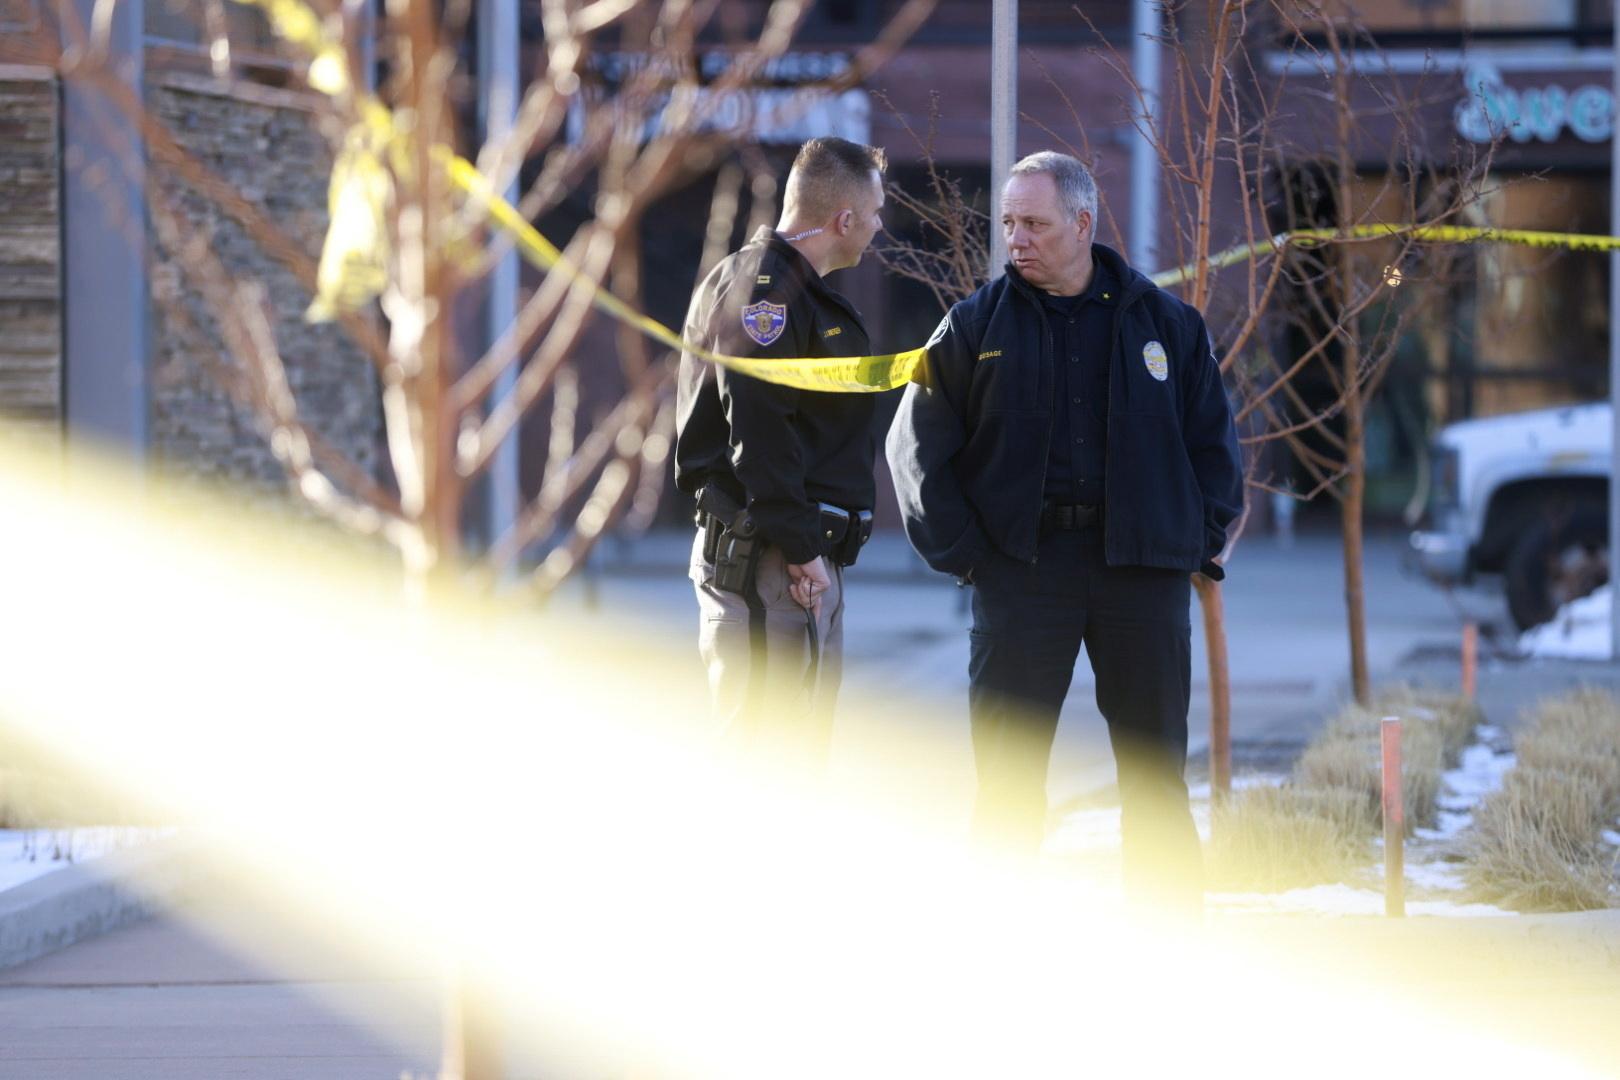 سقوط عدد من الضحايا بإطلاق نار بمدرسة ثانوية في ولاية تنيسي الأمريكية